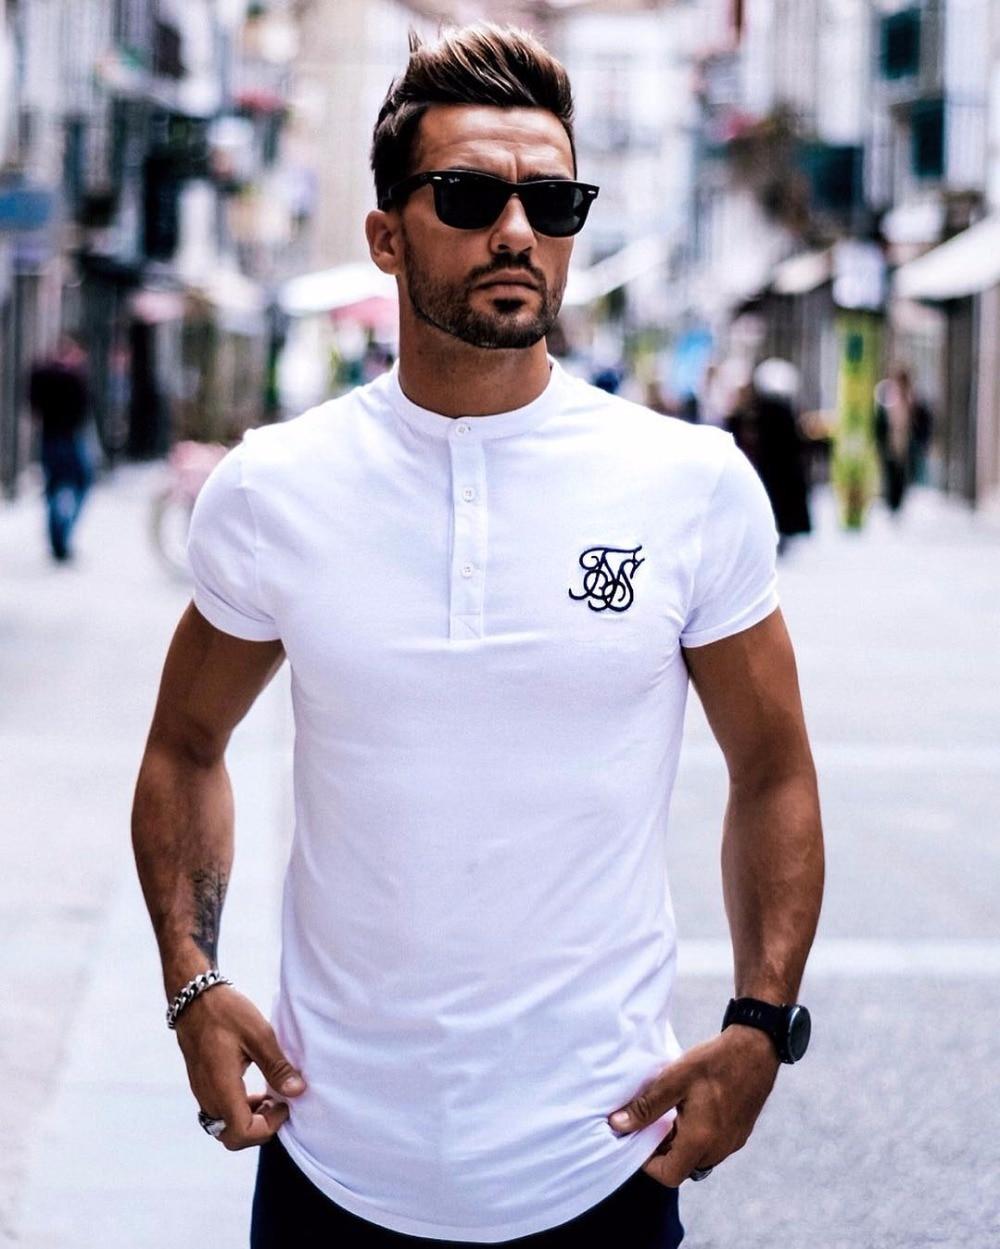 Мужская шелковая футболка Kanye West Sik, черная или белая Повседневная футболка с короткими рукавами и необычной пуговицей в стиле хип-хоп, лето 2019